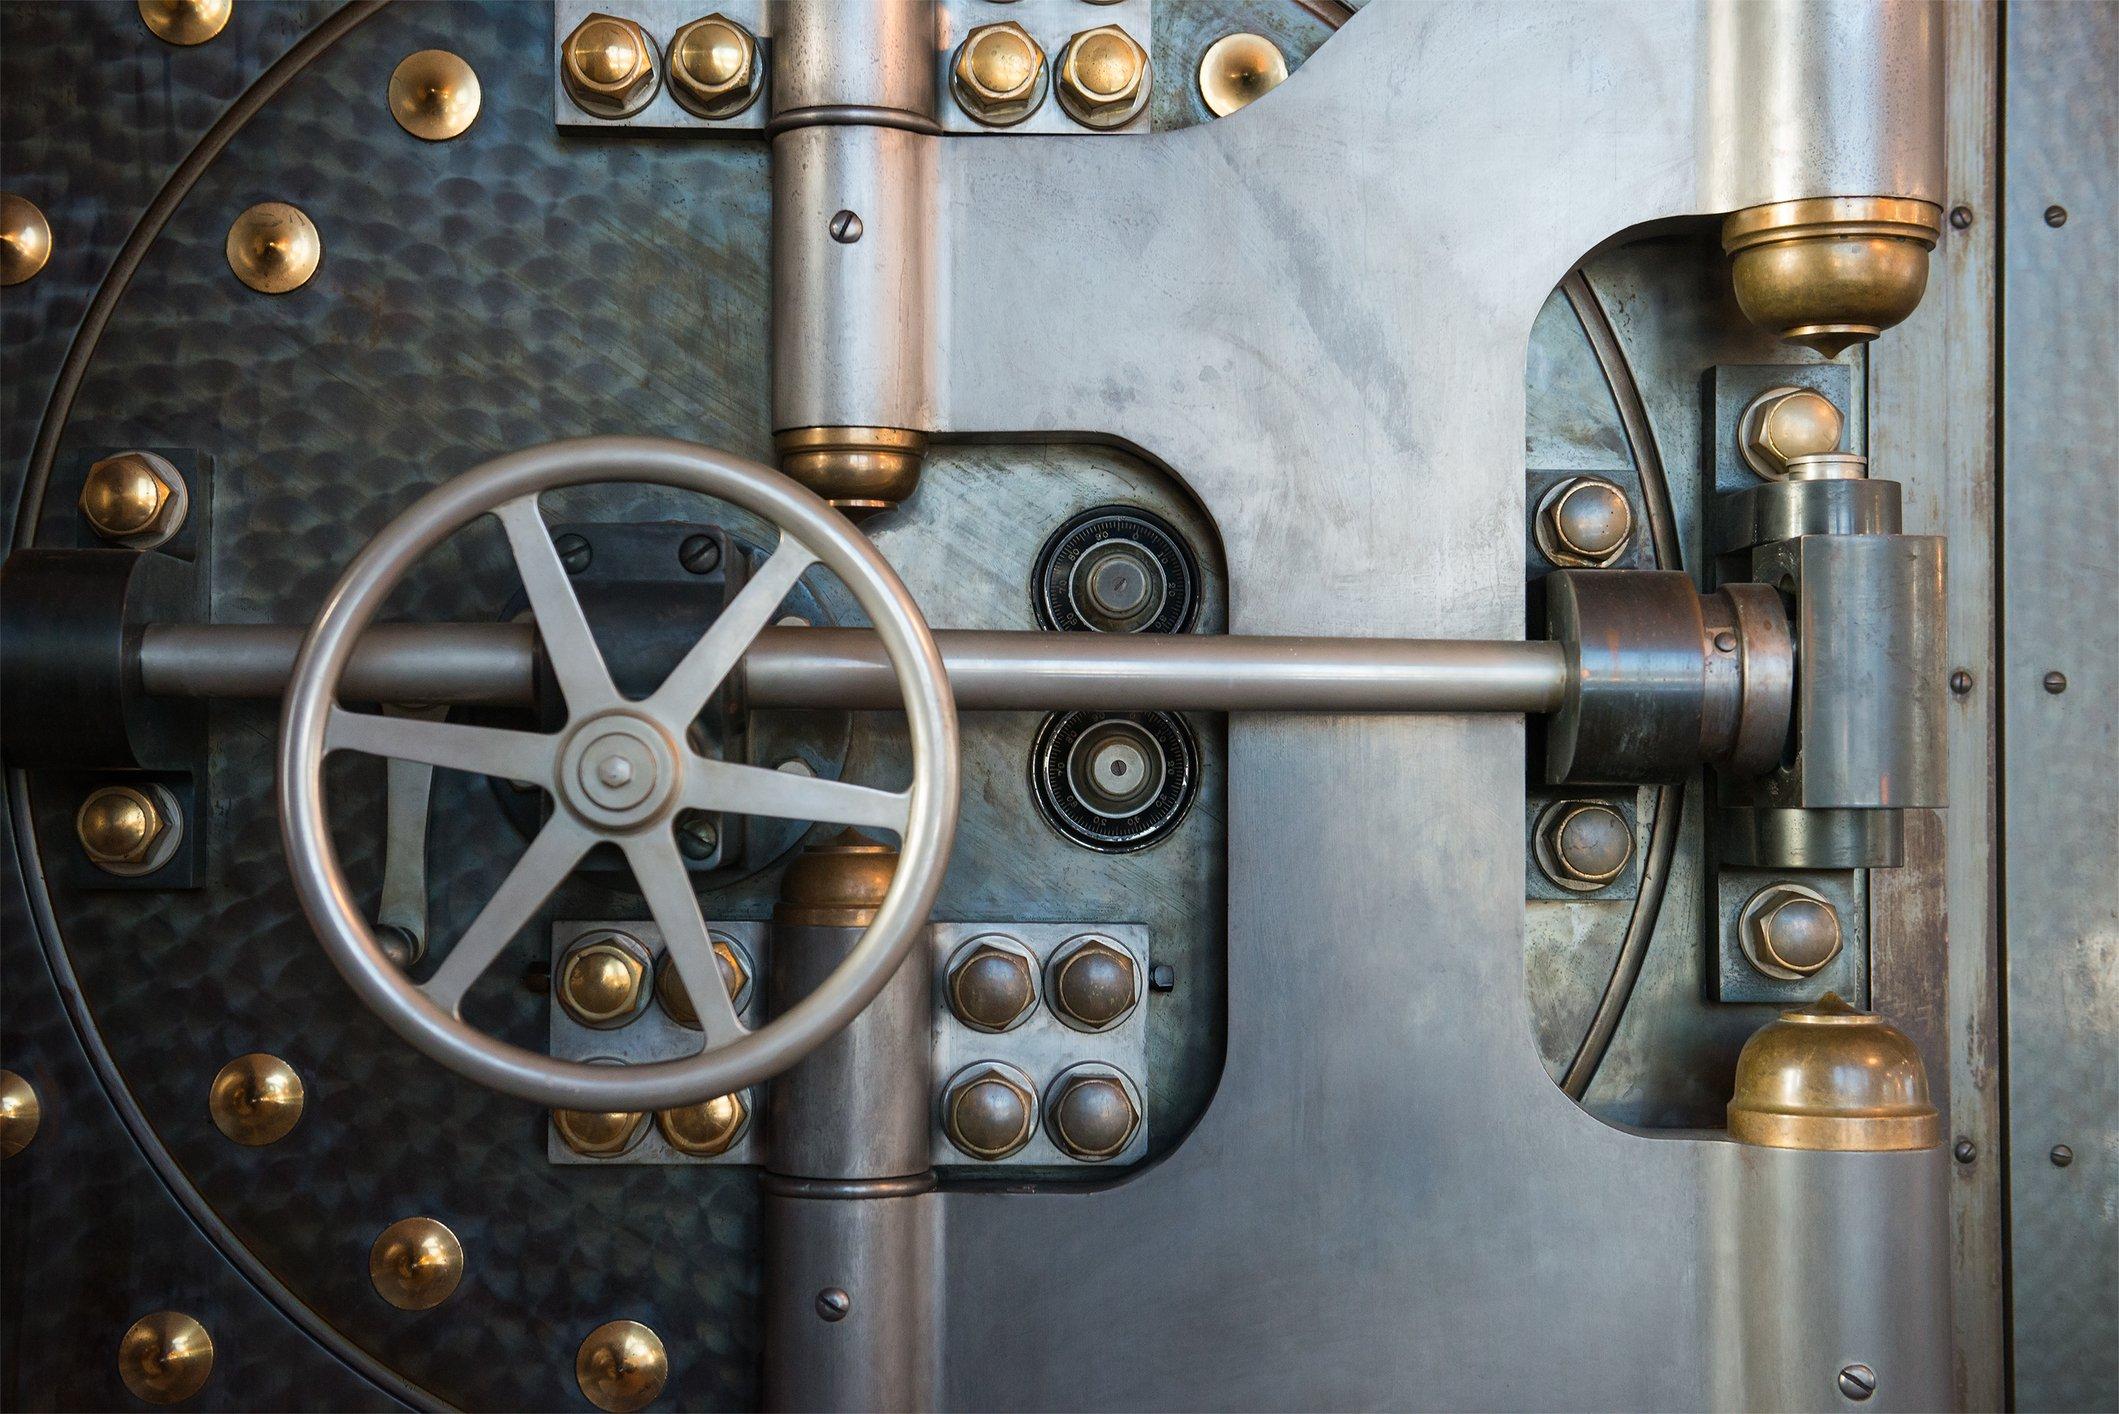 vintage-bank-vault-safe-industrial-background-50233841